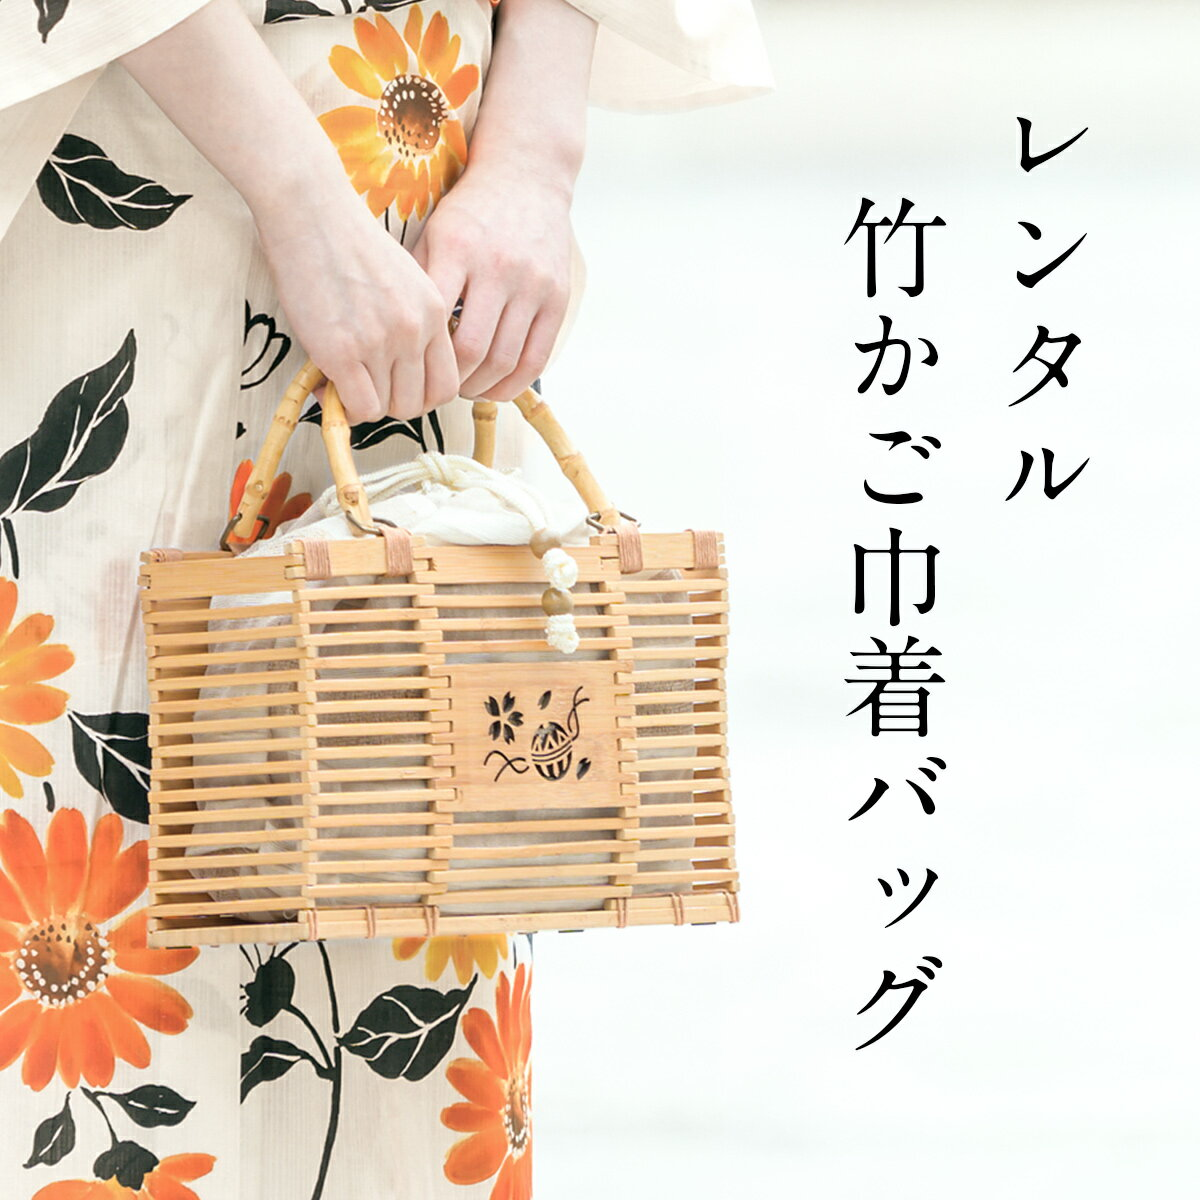 【レンタル】【※レディース浴衣セット同時レンタル限定※】オプション かごバッグ 竹籠 巾着 バッグ ナチュラル